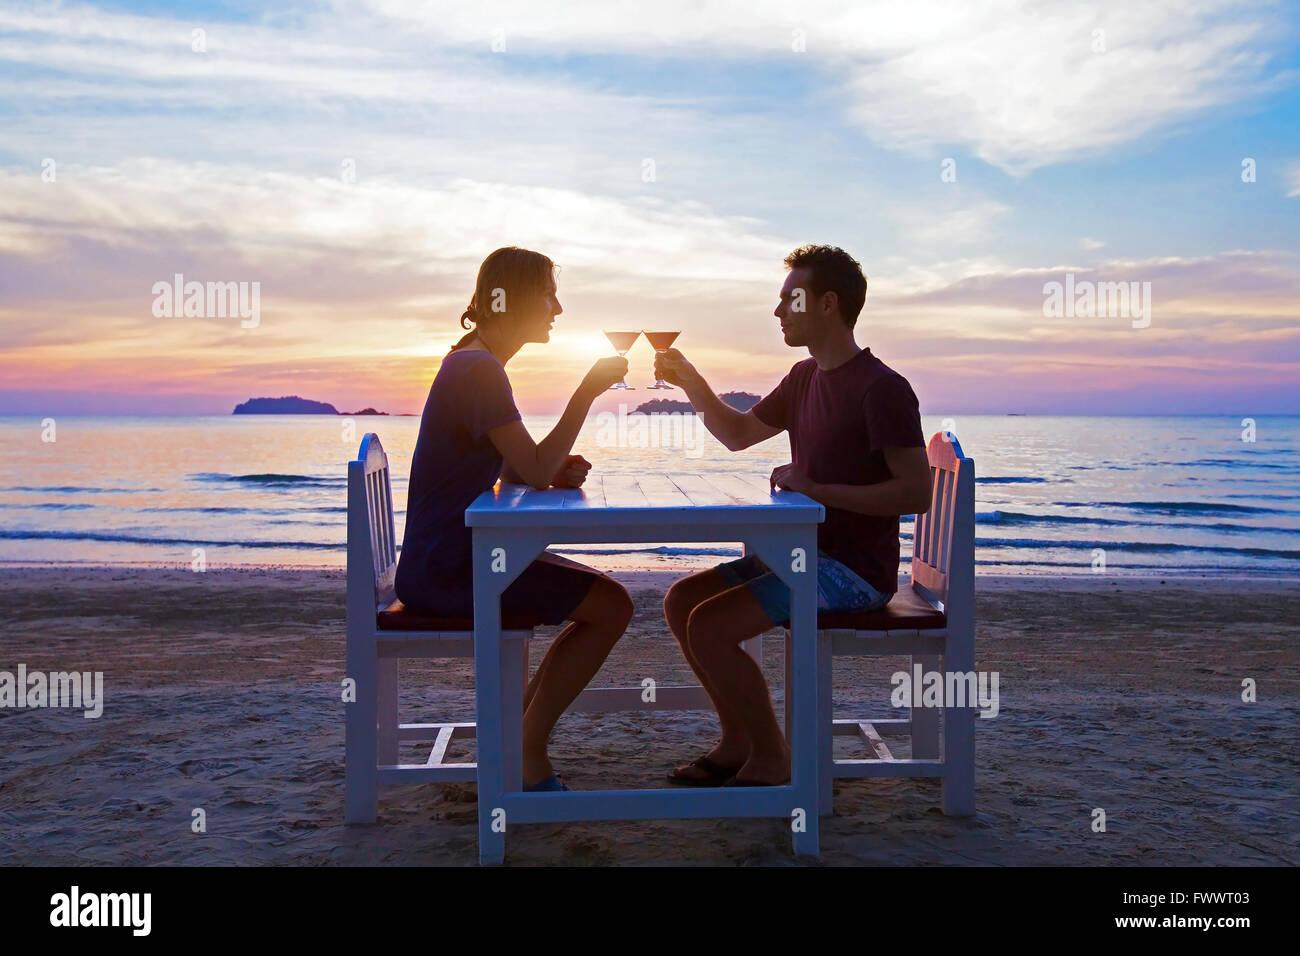 romantisches Abendessen am Strand im Luxusrestaurant, paar auf Hochzeitsreise, trinken tropische Cocktails bei Sonnenuntergang Stockbild